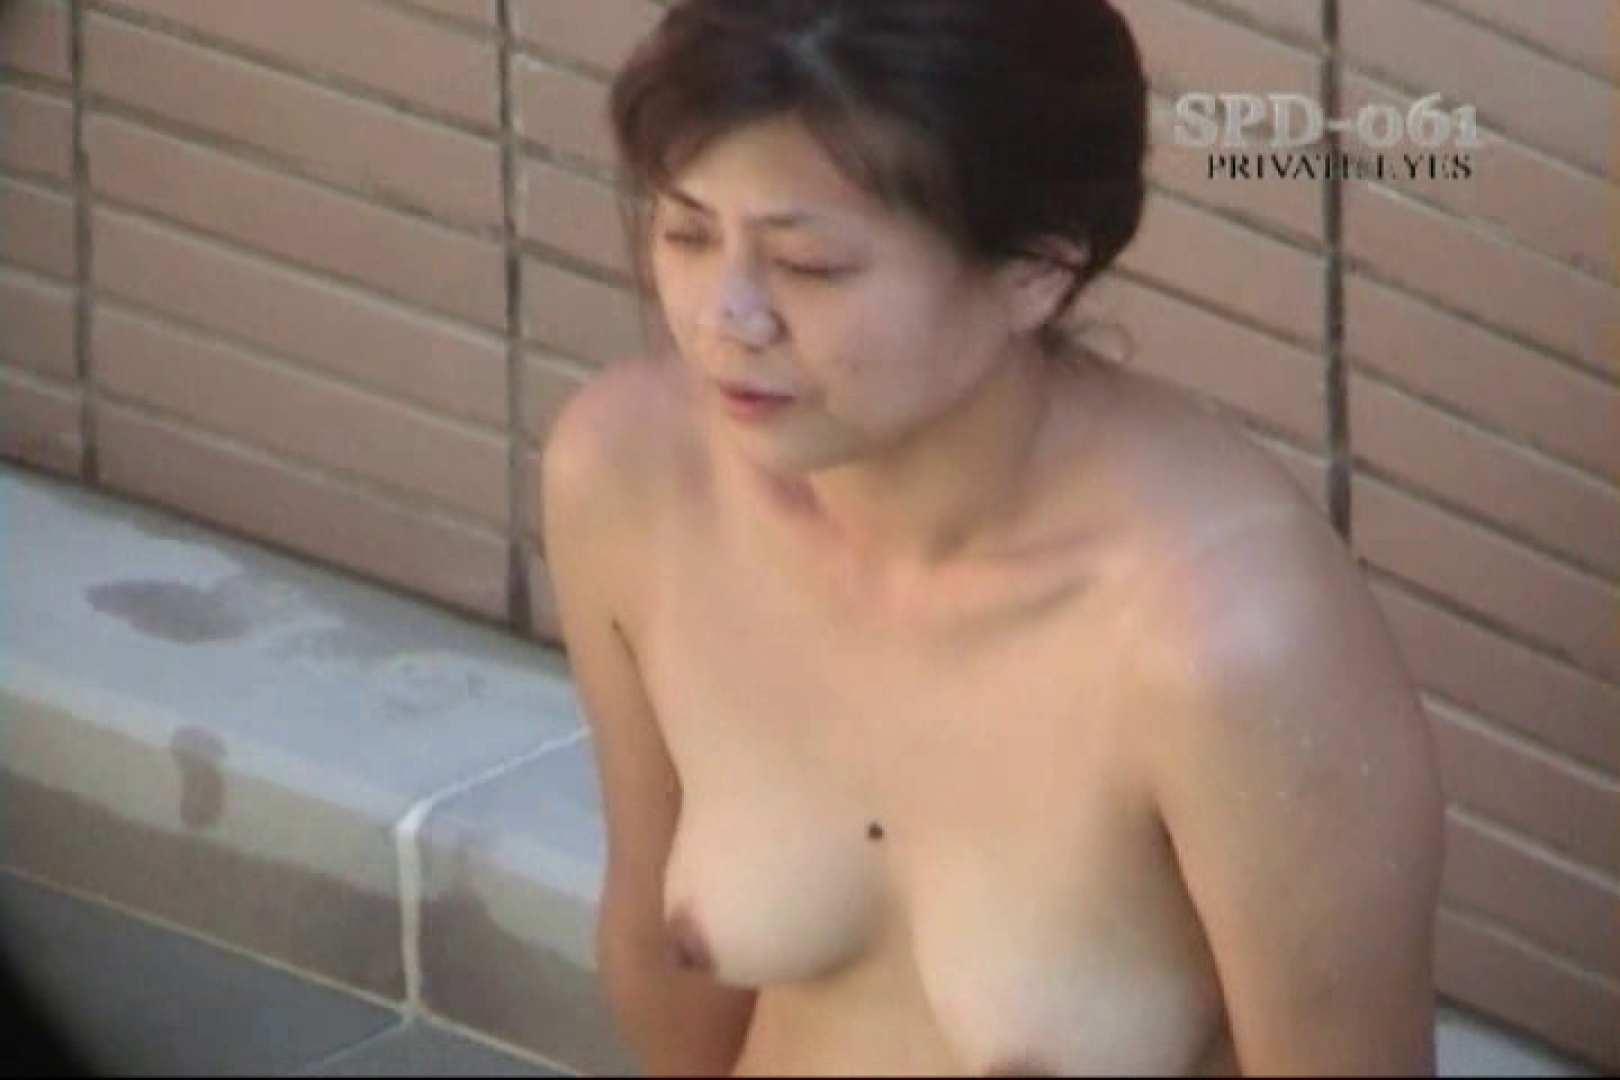 高画質版!SPD-061 新・露天浴場 8 人妻編 名作 アダルト動画キャプチャ 103pic 83